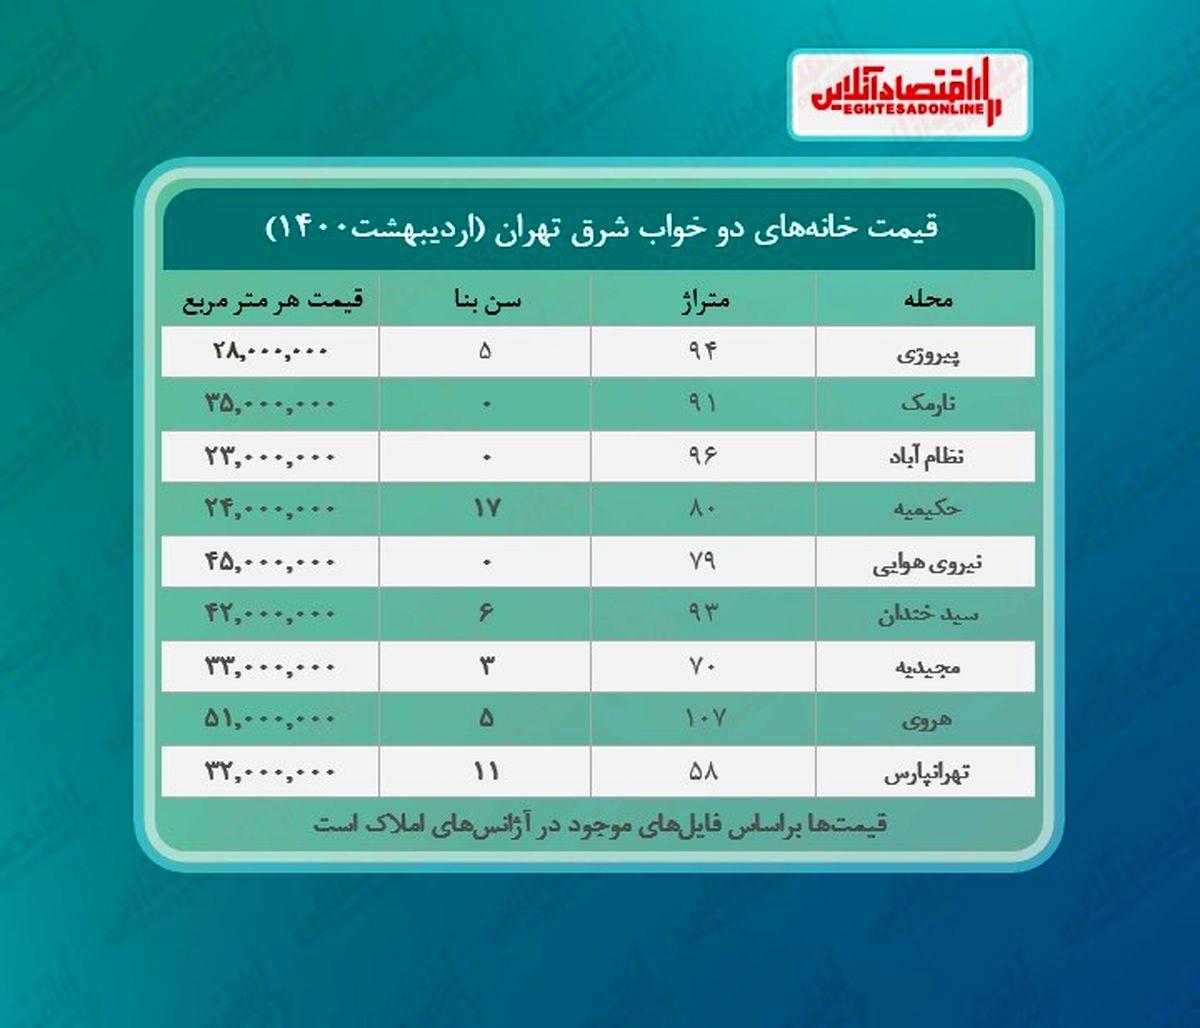 آپارتمان های دو خوابه شرق تهران چند؟